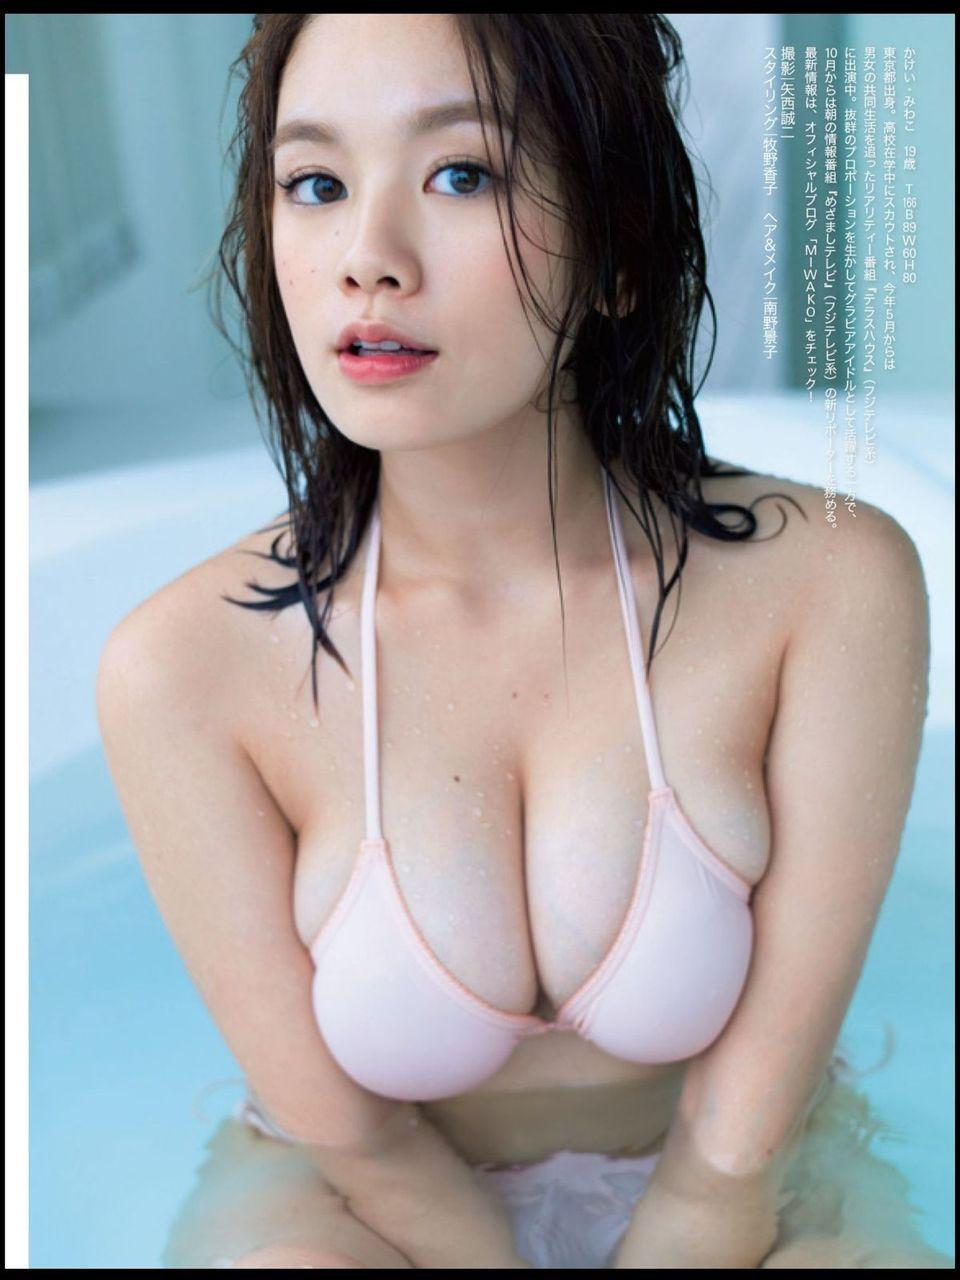 筧美和子の水着グラビア